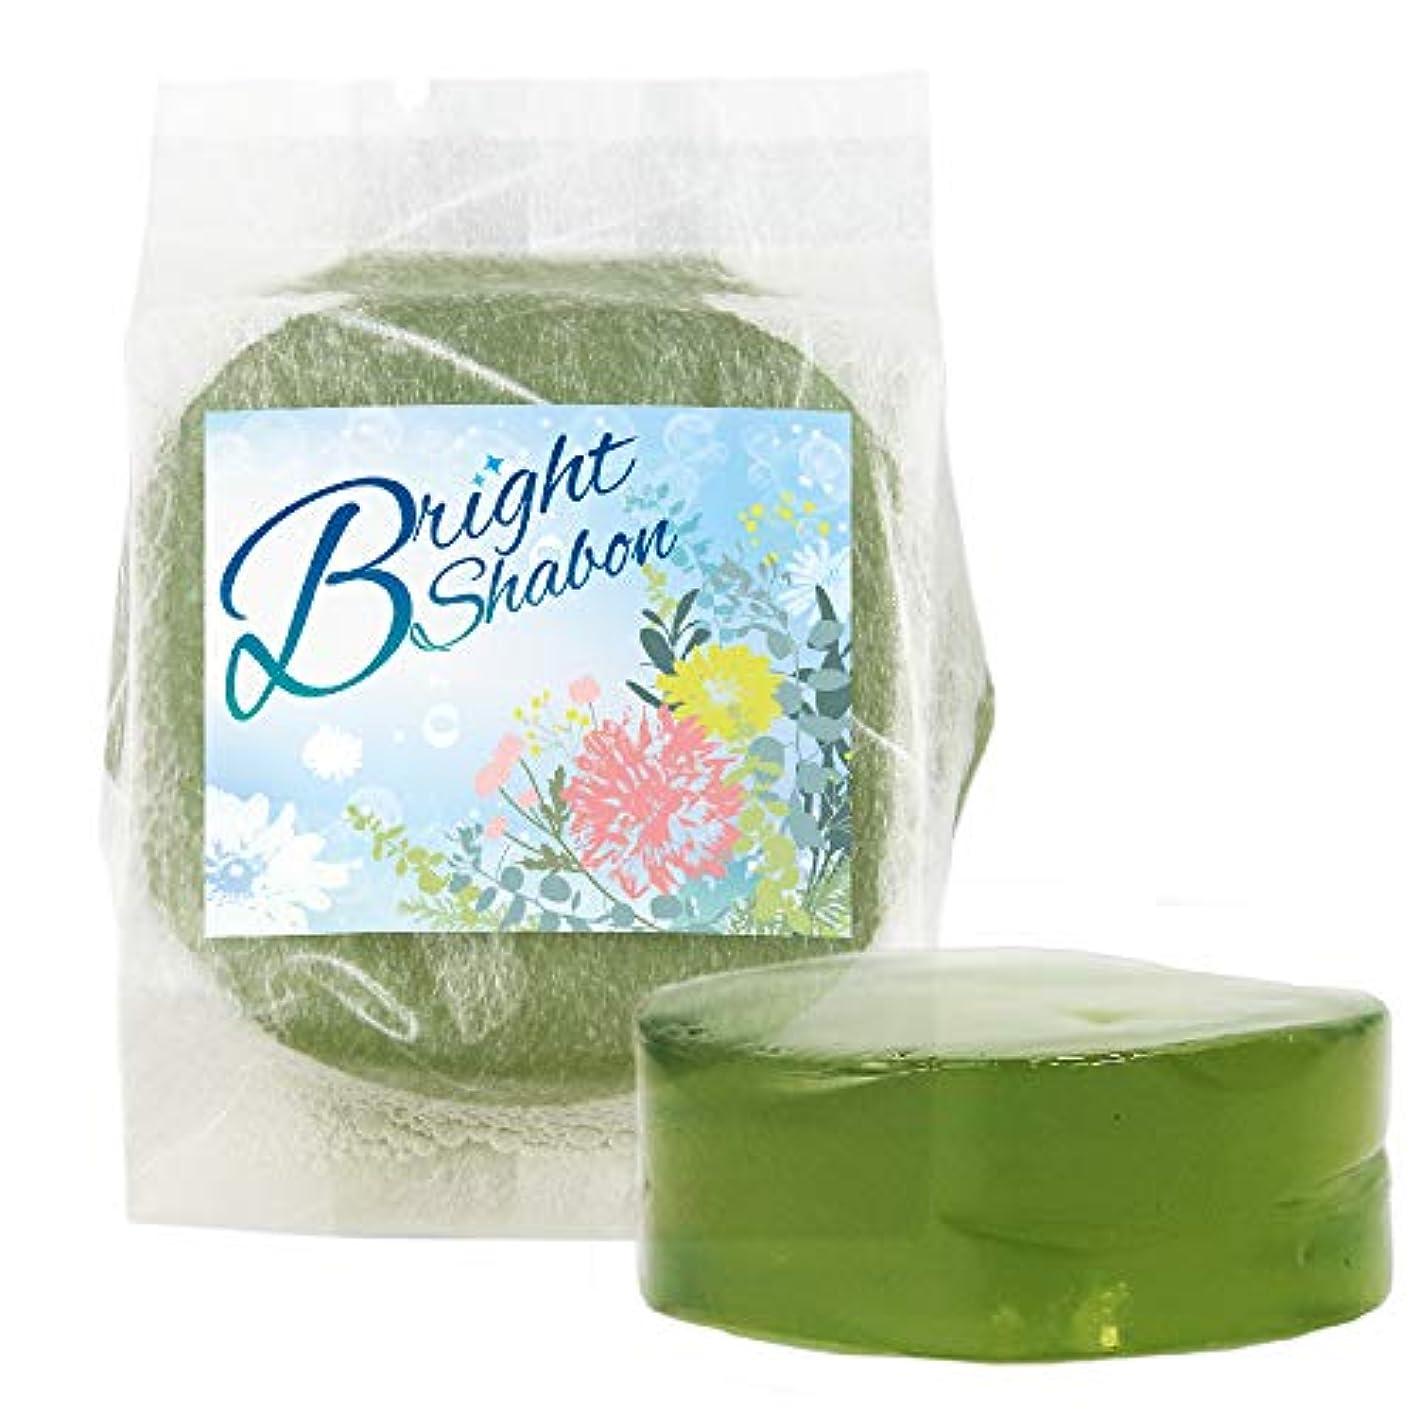 させる栄養頭痛ブライトシャボン Bright Shabon 洗顔料 ぷるぷる石鹸 石けん